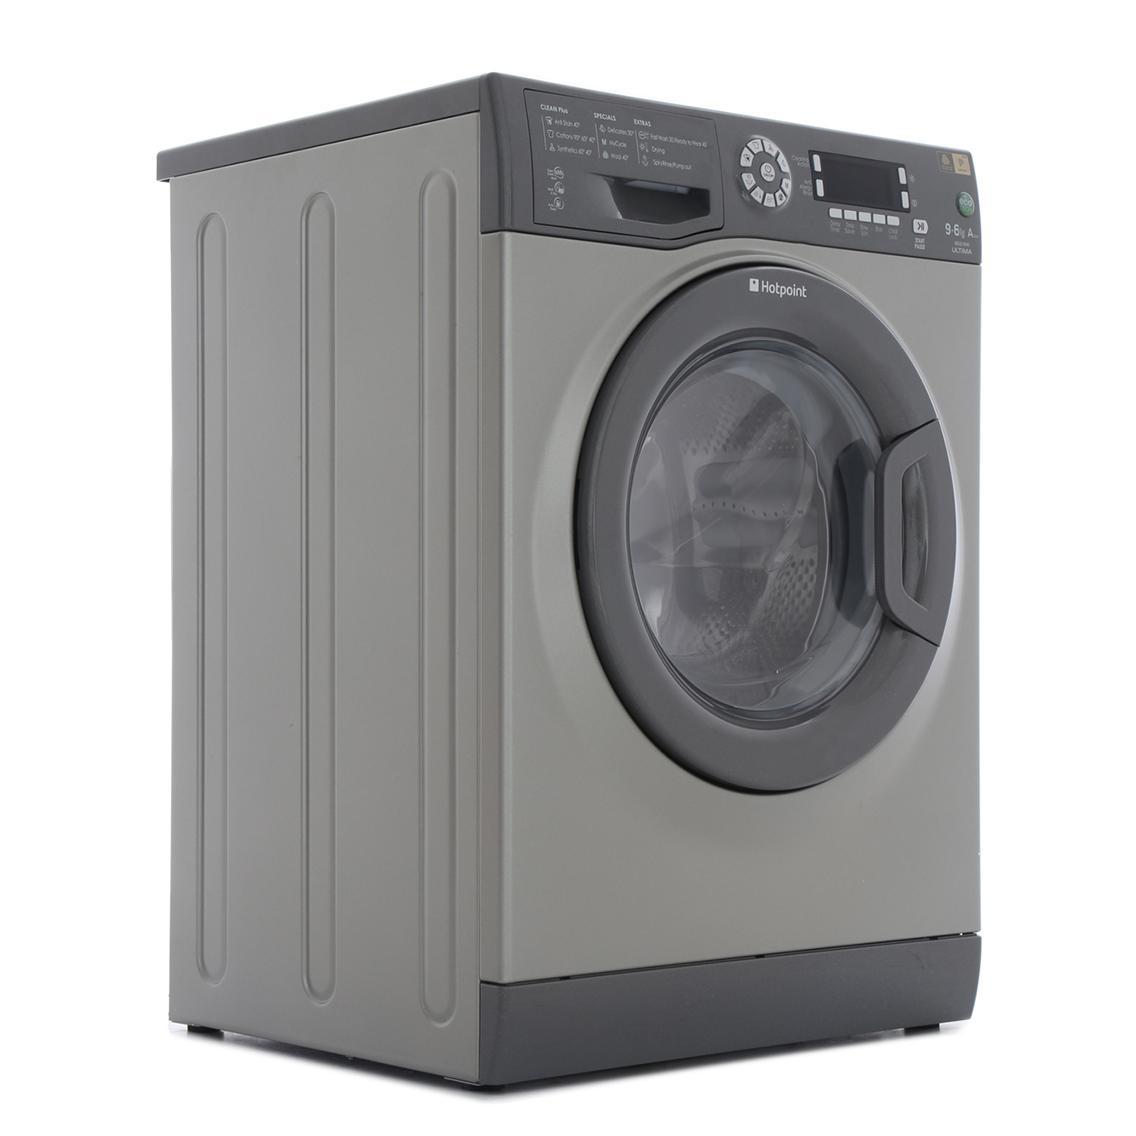 Hotpoint WDUD9640G Washer Dryer